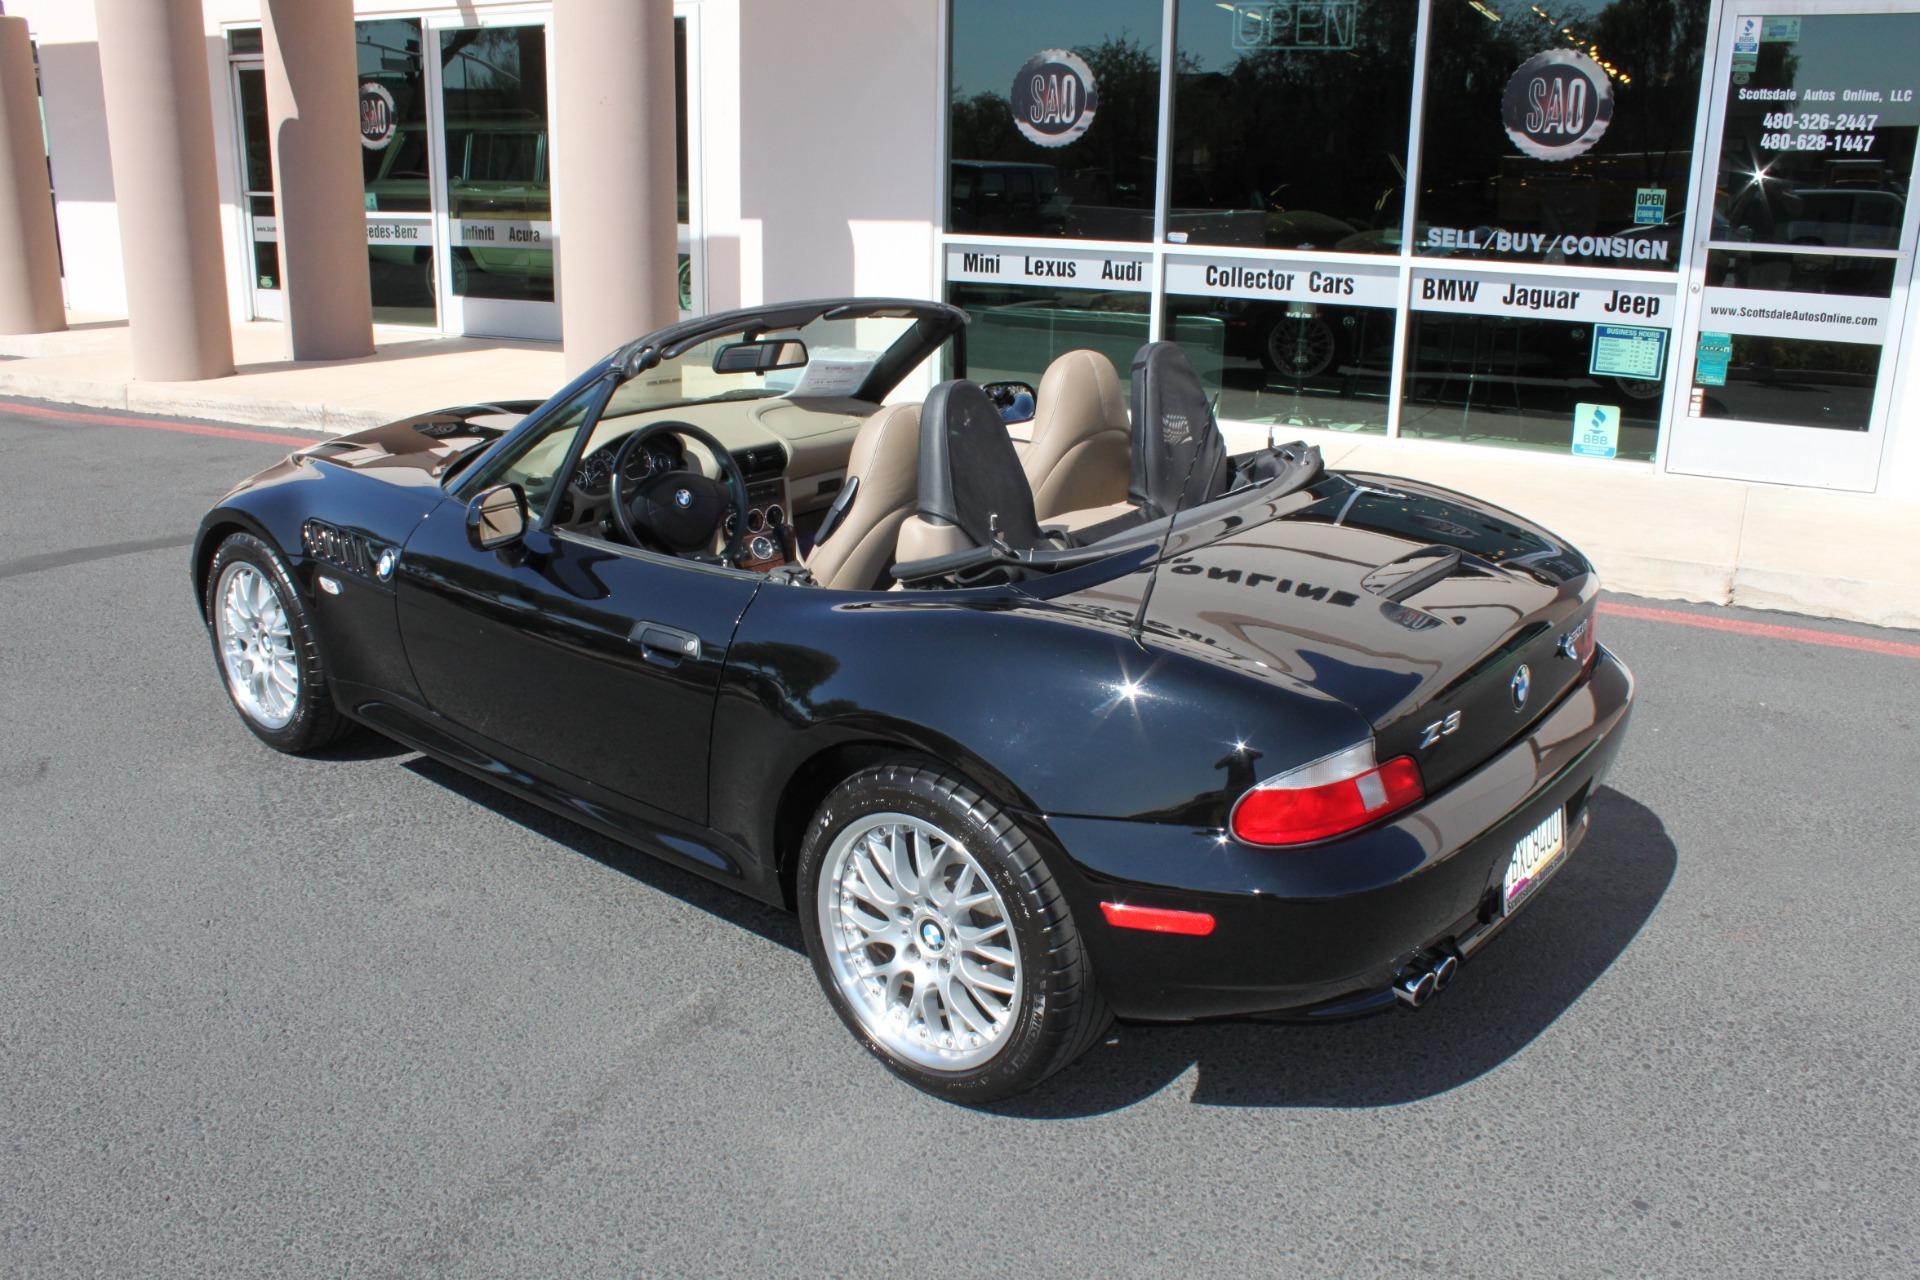 Used-2001-BMW-Z3-30i-Roadster-Toyota